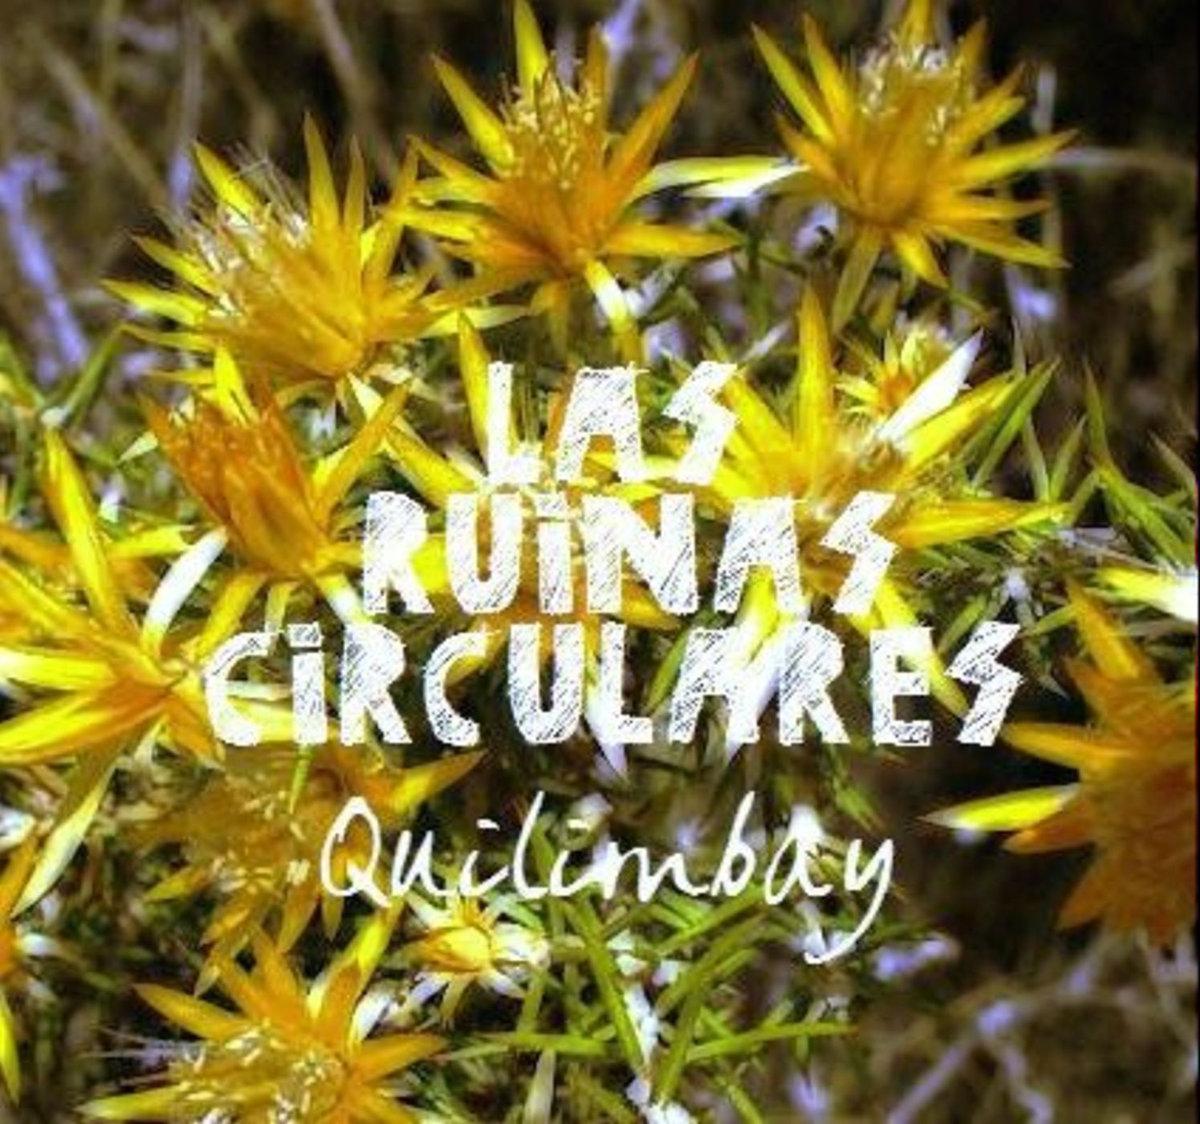 Las Ruinas Circulares - Quilimbay